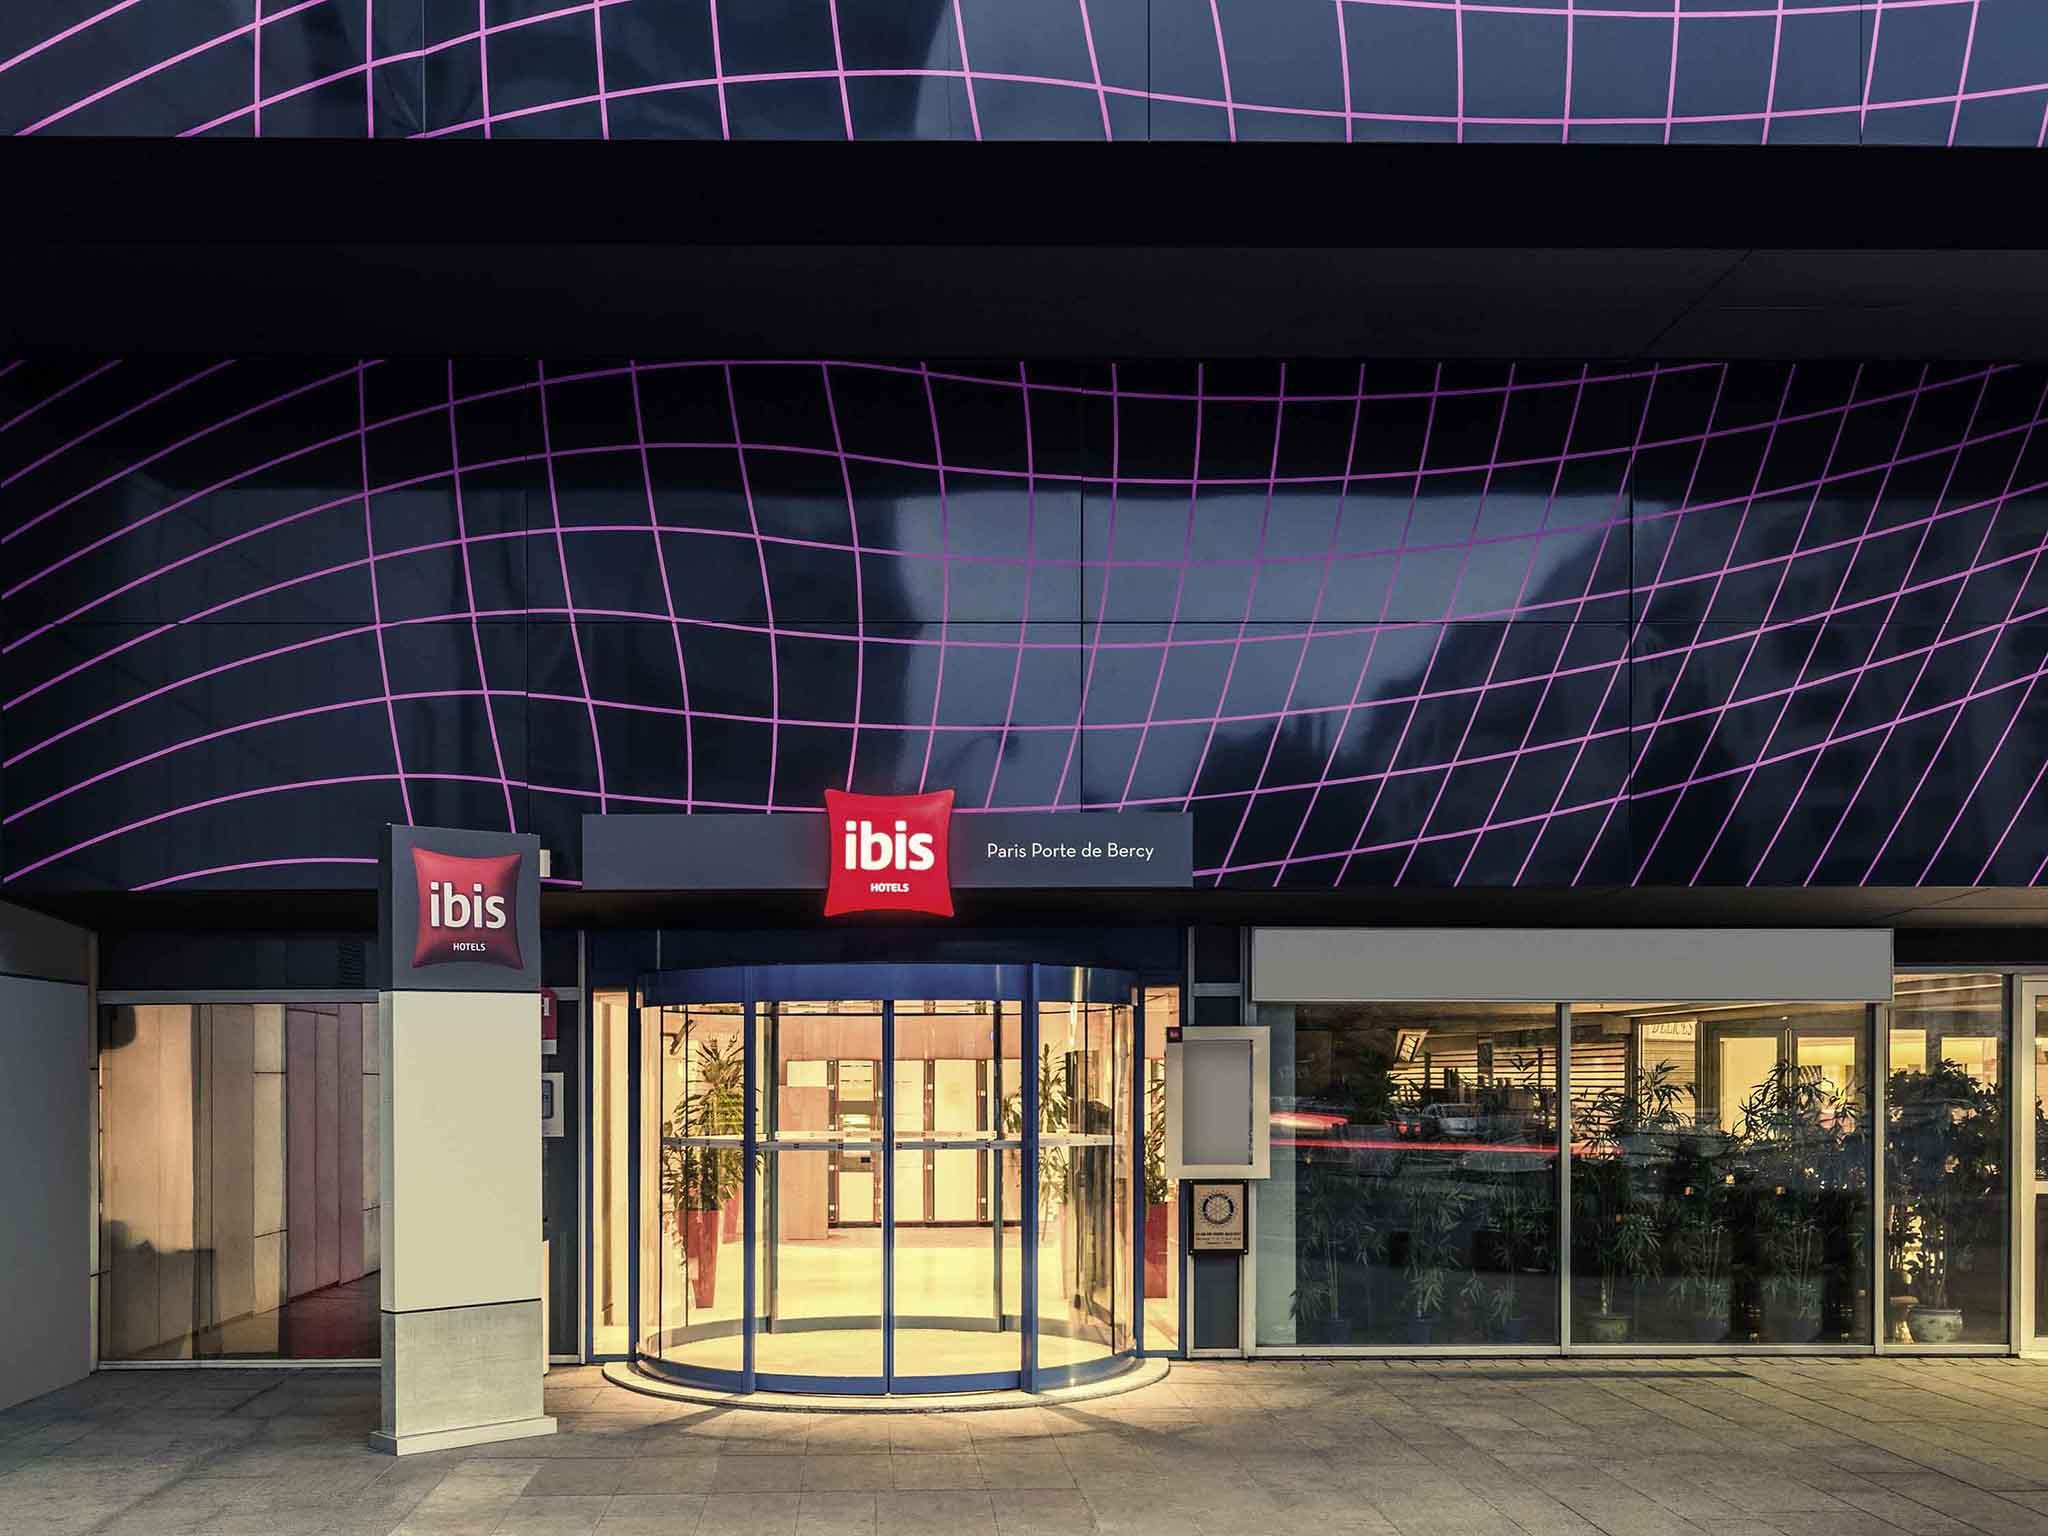 โรงแรม – ibis Paris Porte de Bercy